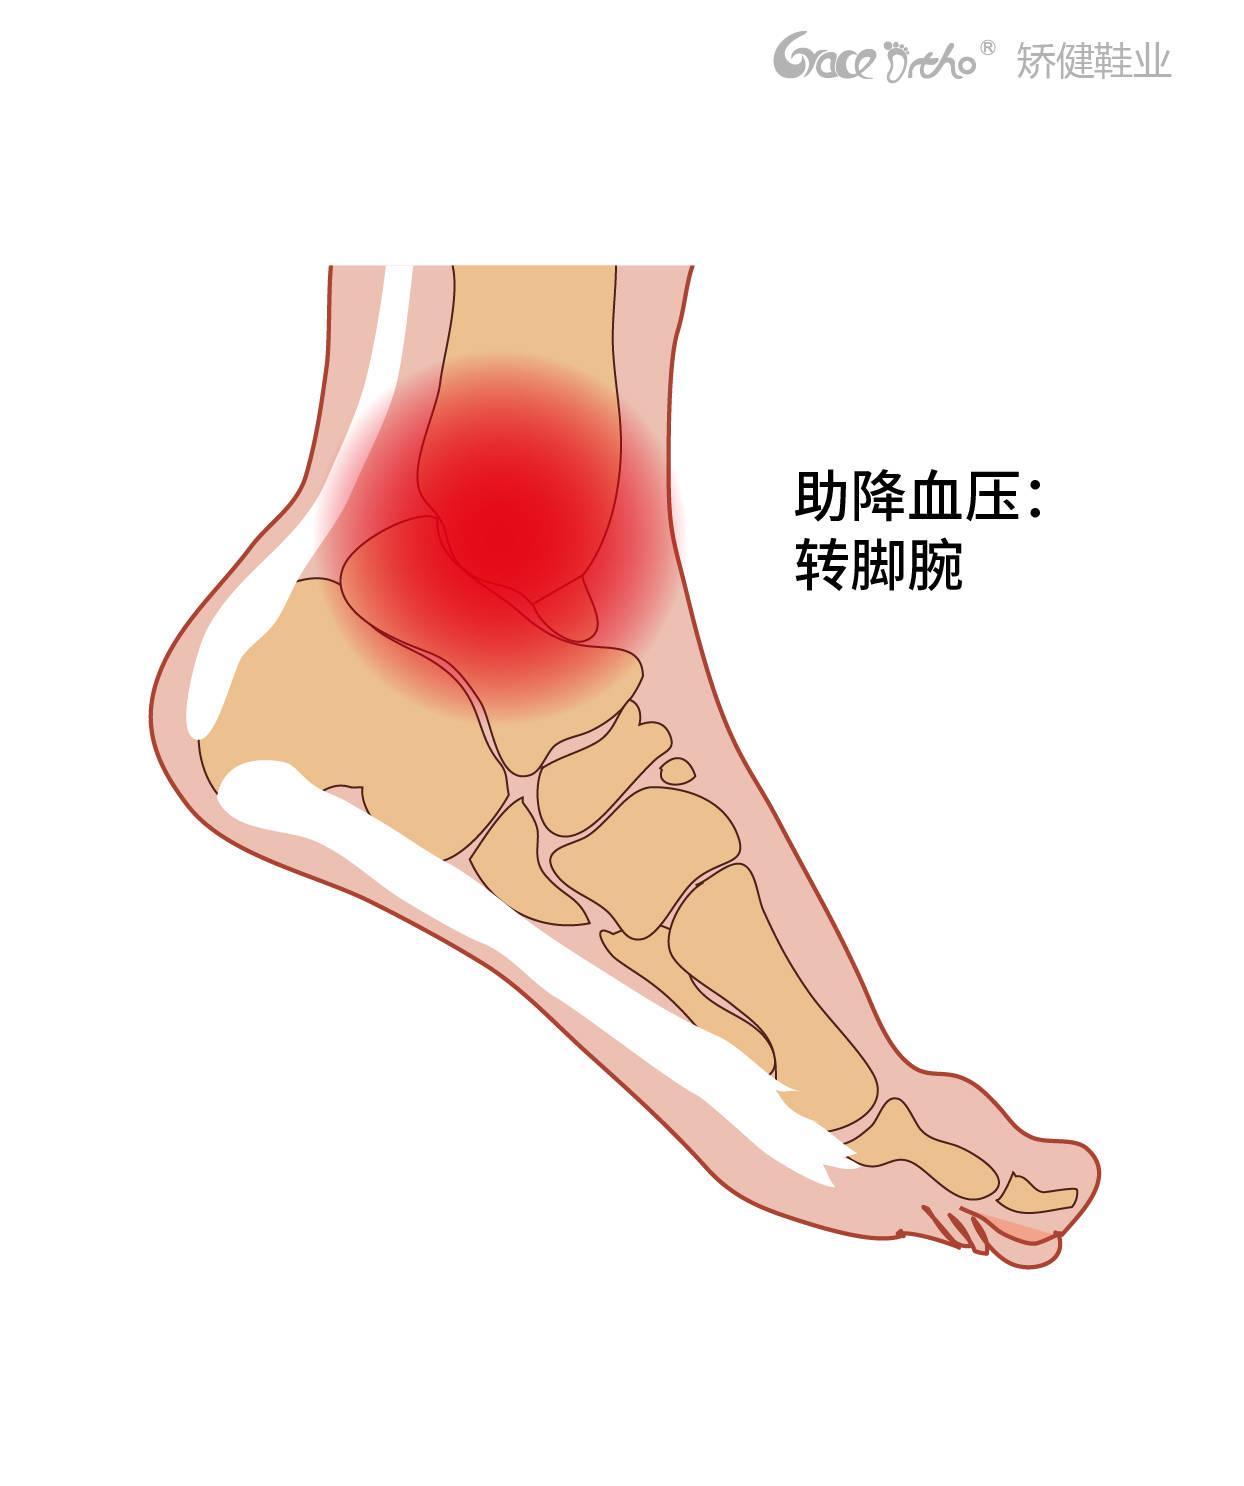 脚部按摩仪的原理